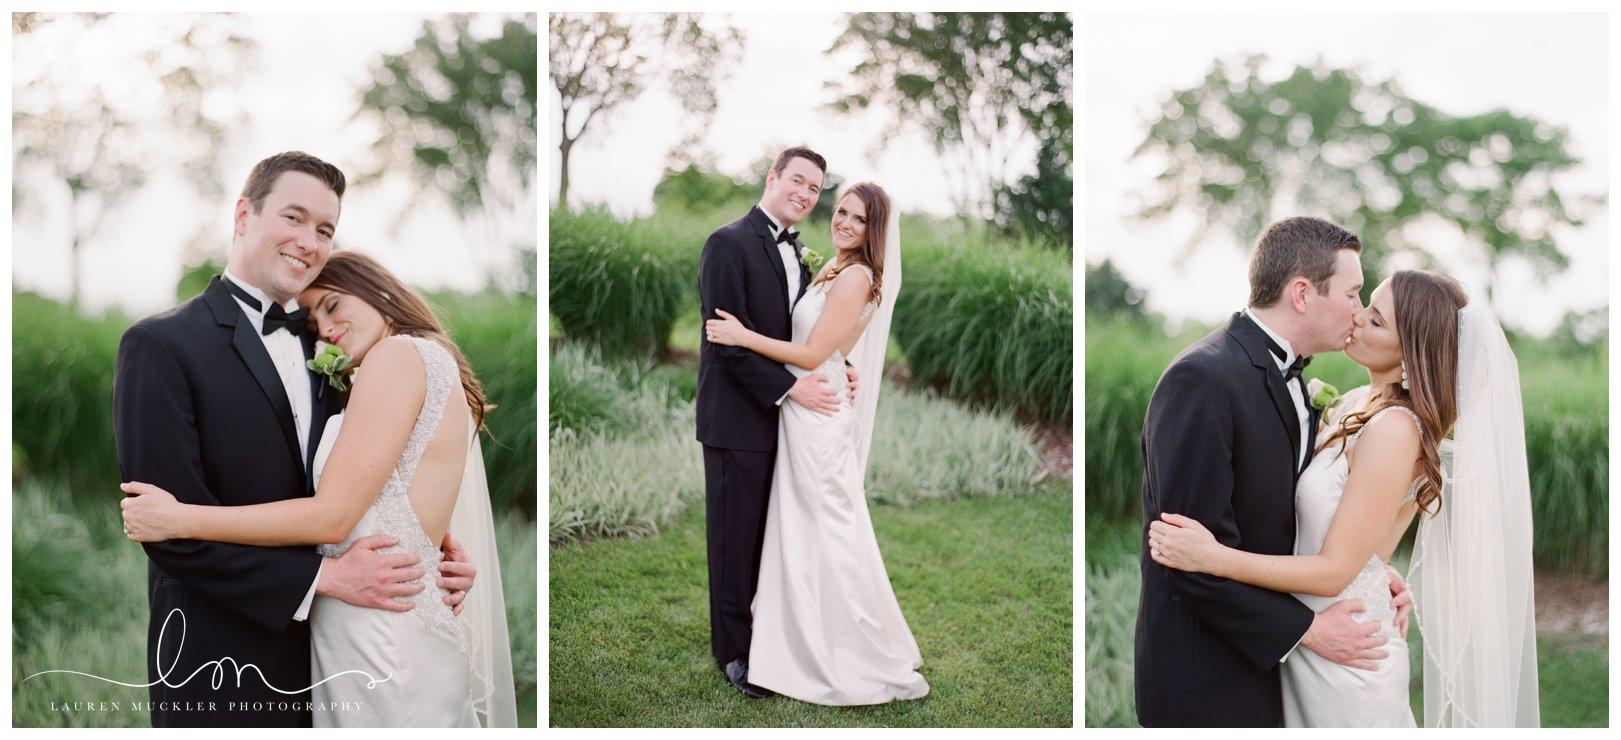 lauren muckler photography_fine art film wedding photography_st louis_photography_0238.jpg